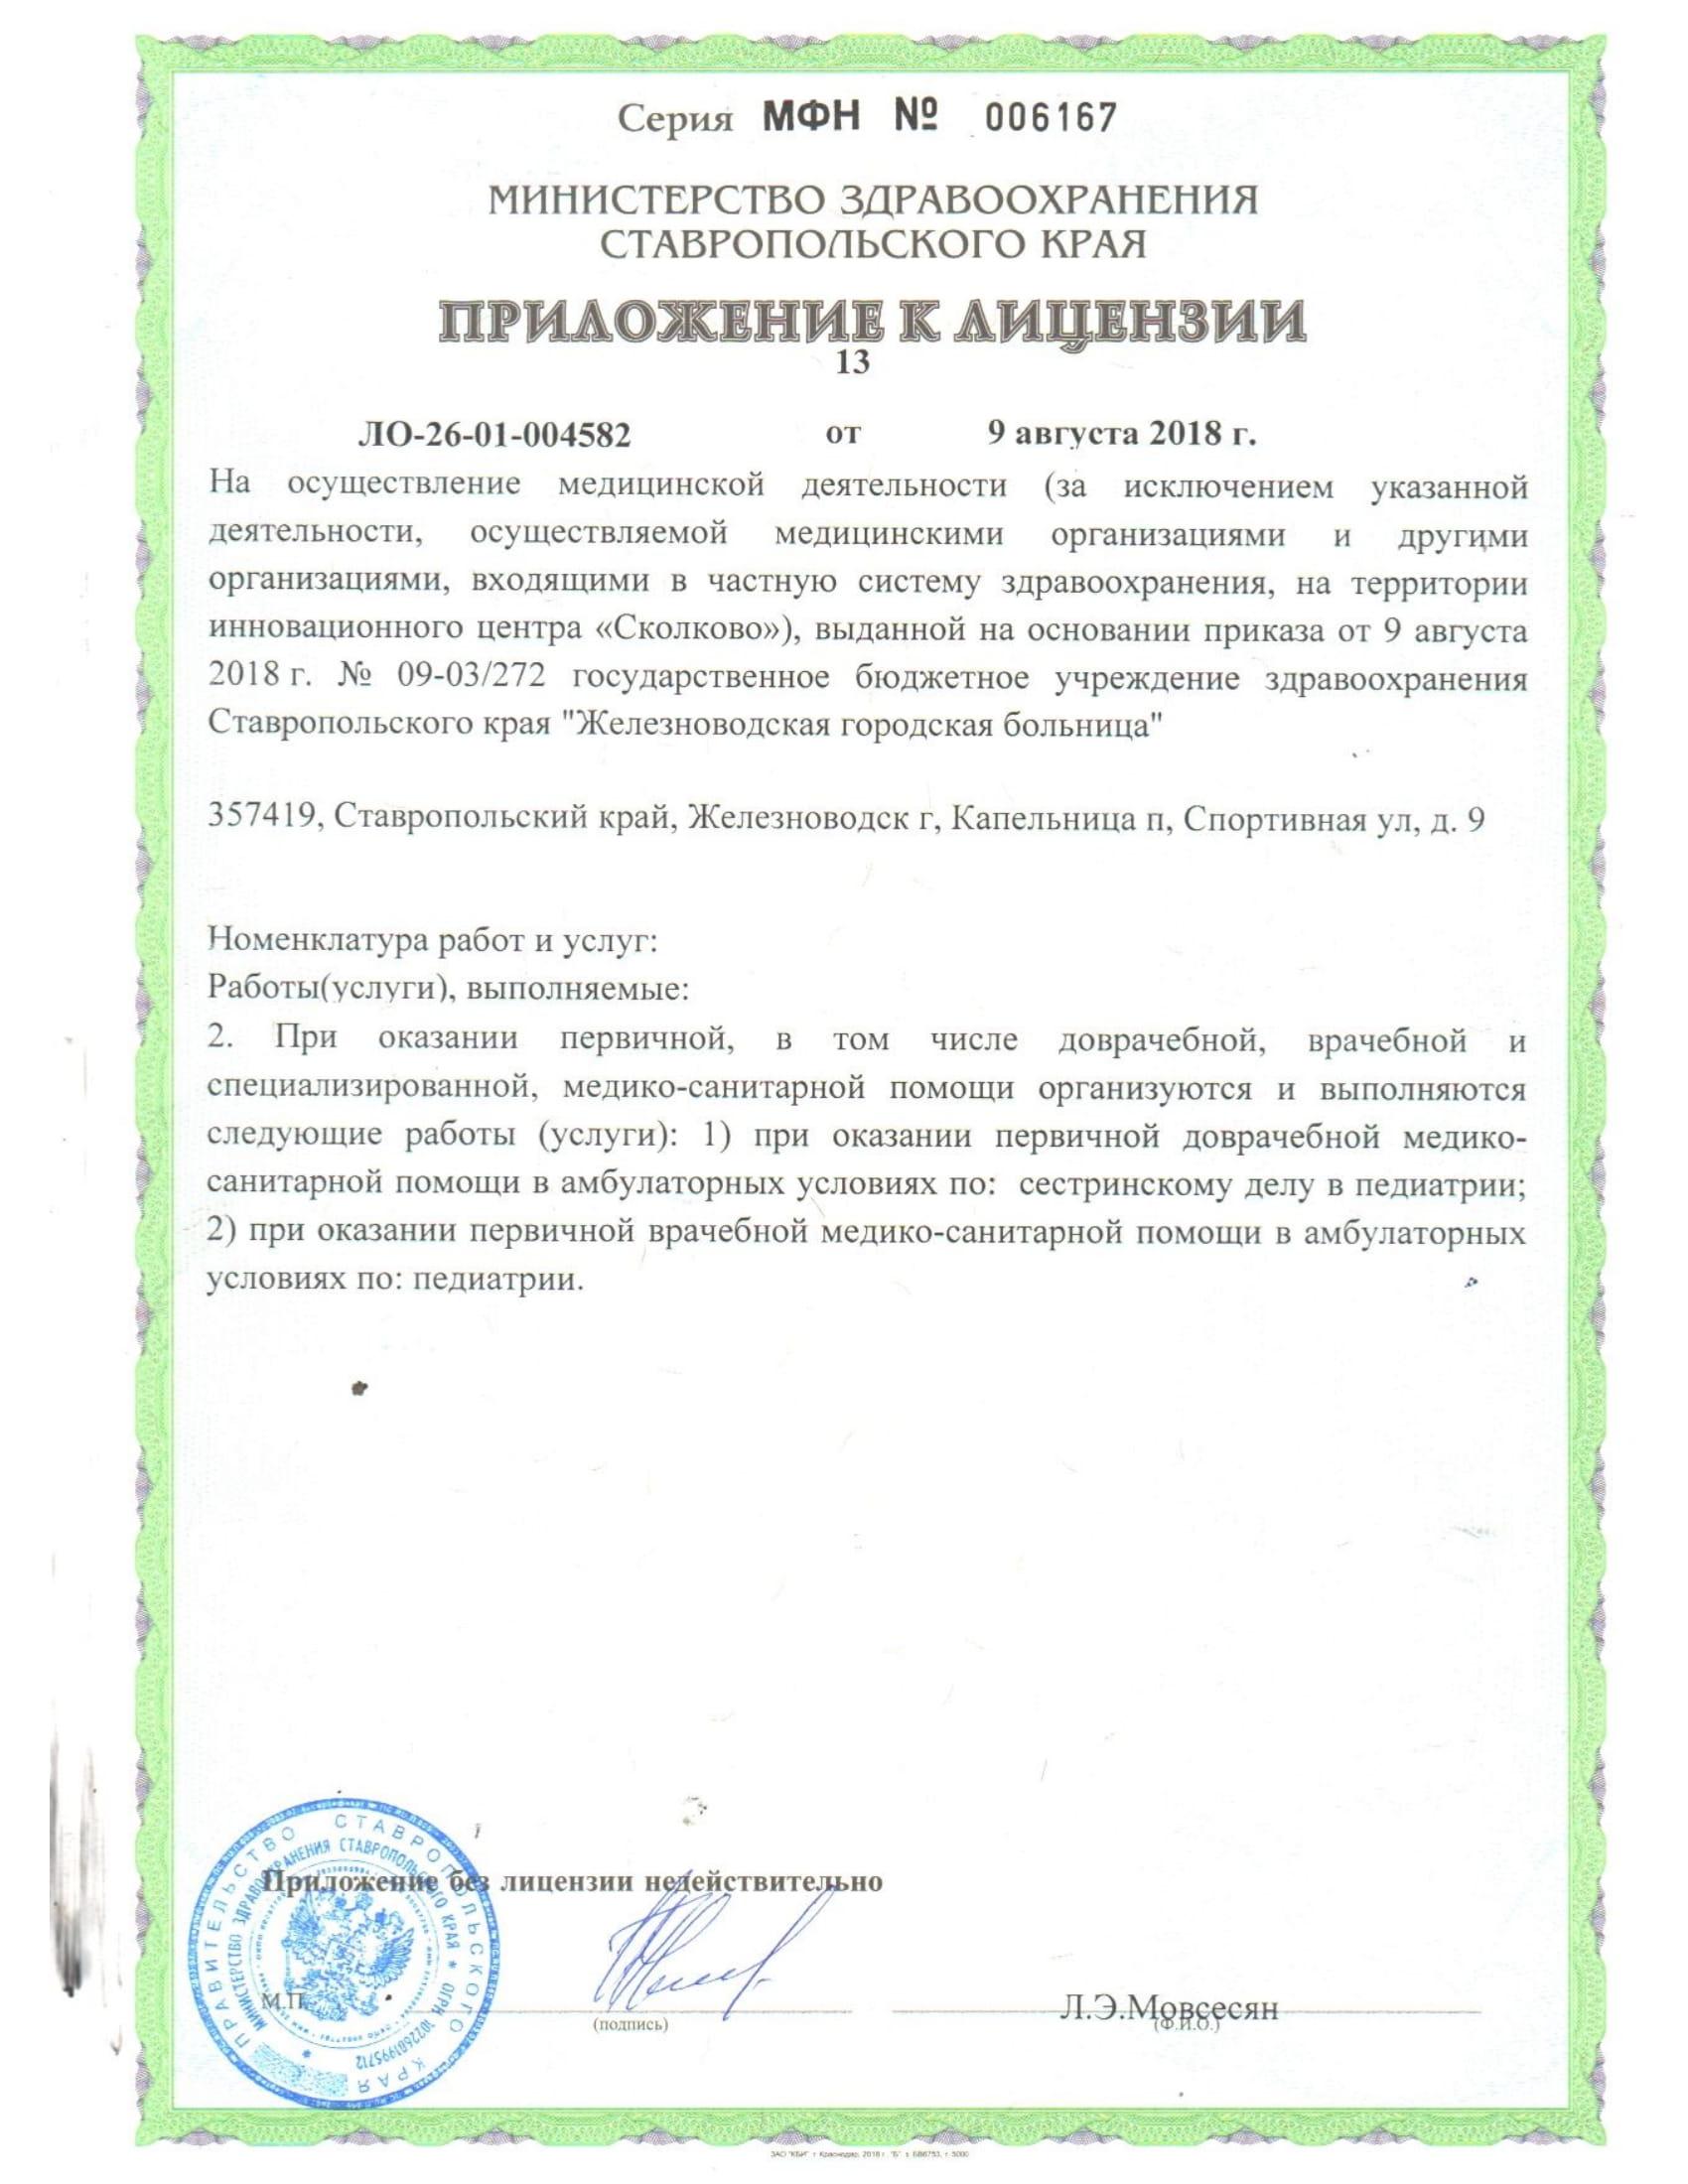 лицензия 2018 от 09.08.2018-17